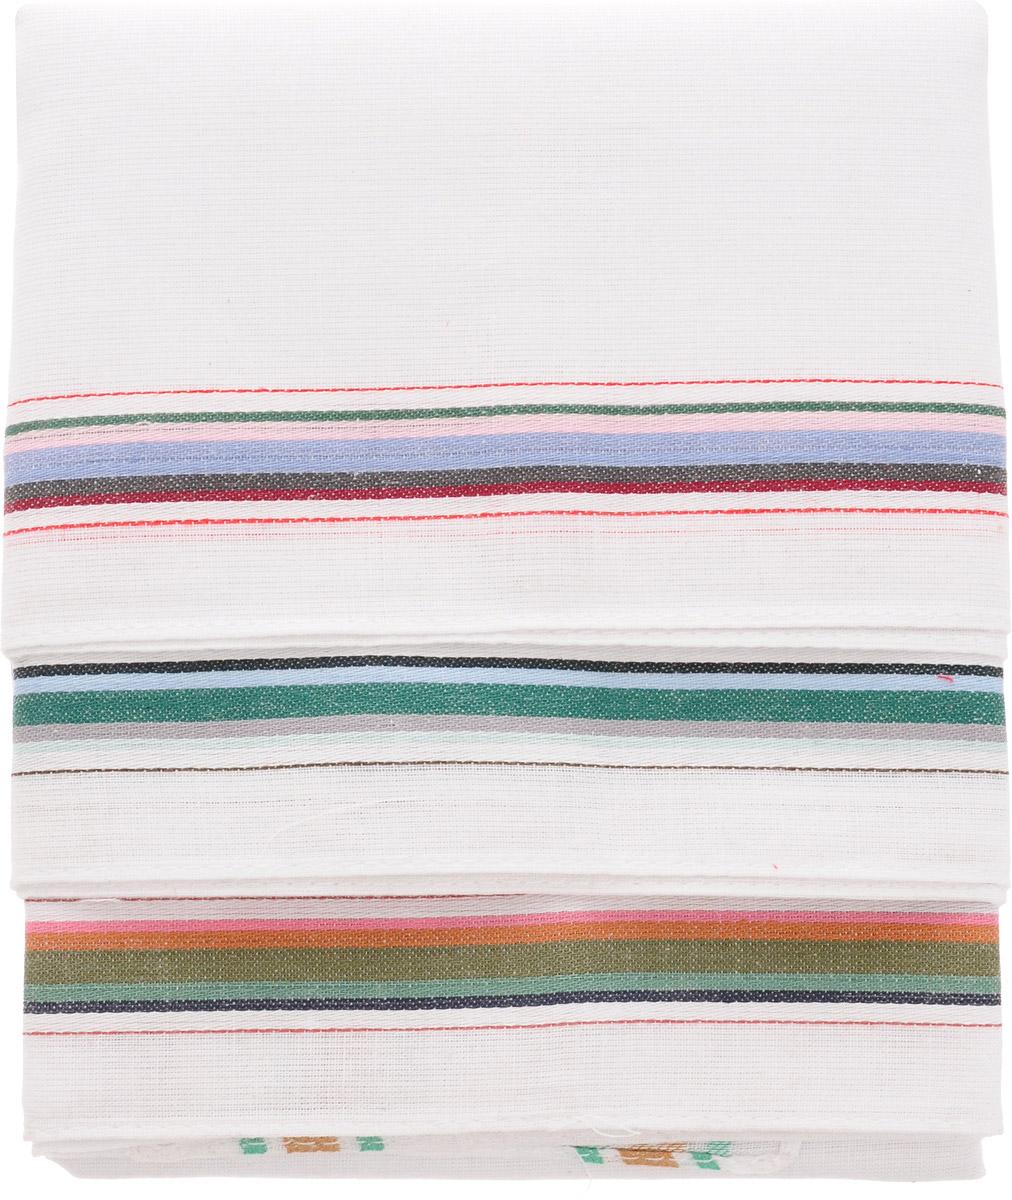 Платок носовой мужской Zlata Korunka, цвет: белый, 6 шт. 45430-6-1. Размер 38 см х 38 смСерьги с подвескамиОригинальный мужской носовой платок Zlata Korunka изготовлен из высококачественного натурального хлопка, благодаря чему приятен в использовании, хорошо стирается, не садится и отлично впитывает влагу. Практичный и изящный носовой платок будет незаменим в повседневной жизни любого современного человека. Такой платок послужит стильным аксессуаром и подчеркнет ваше превосходное чувство вкуса.В комплекте 6 платков.